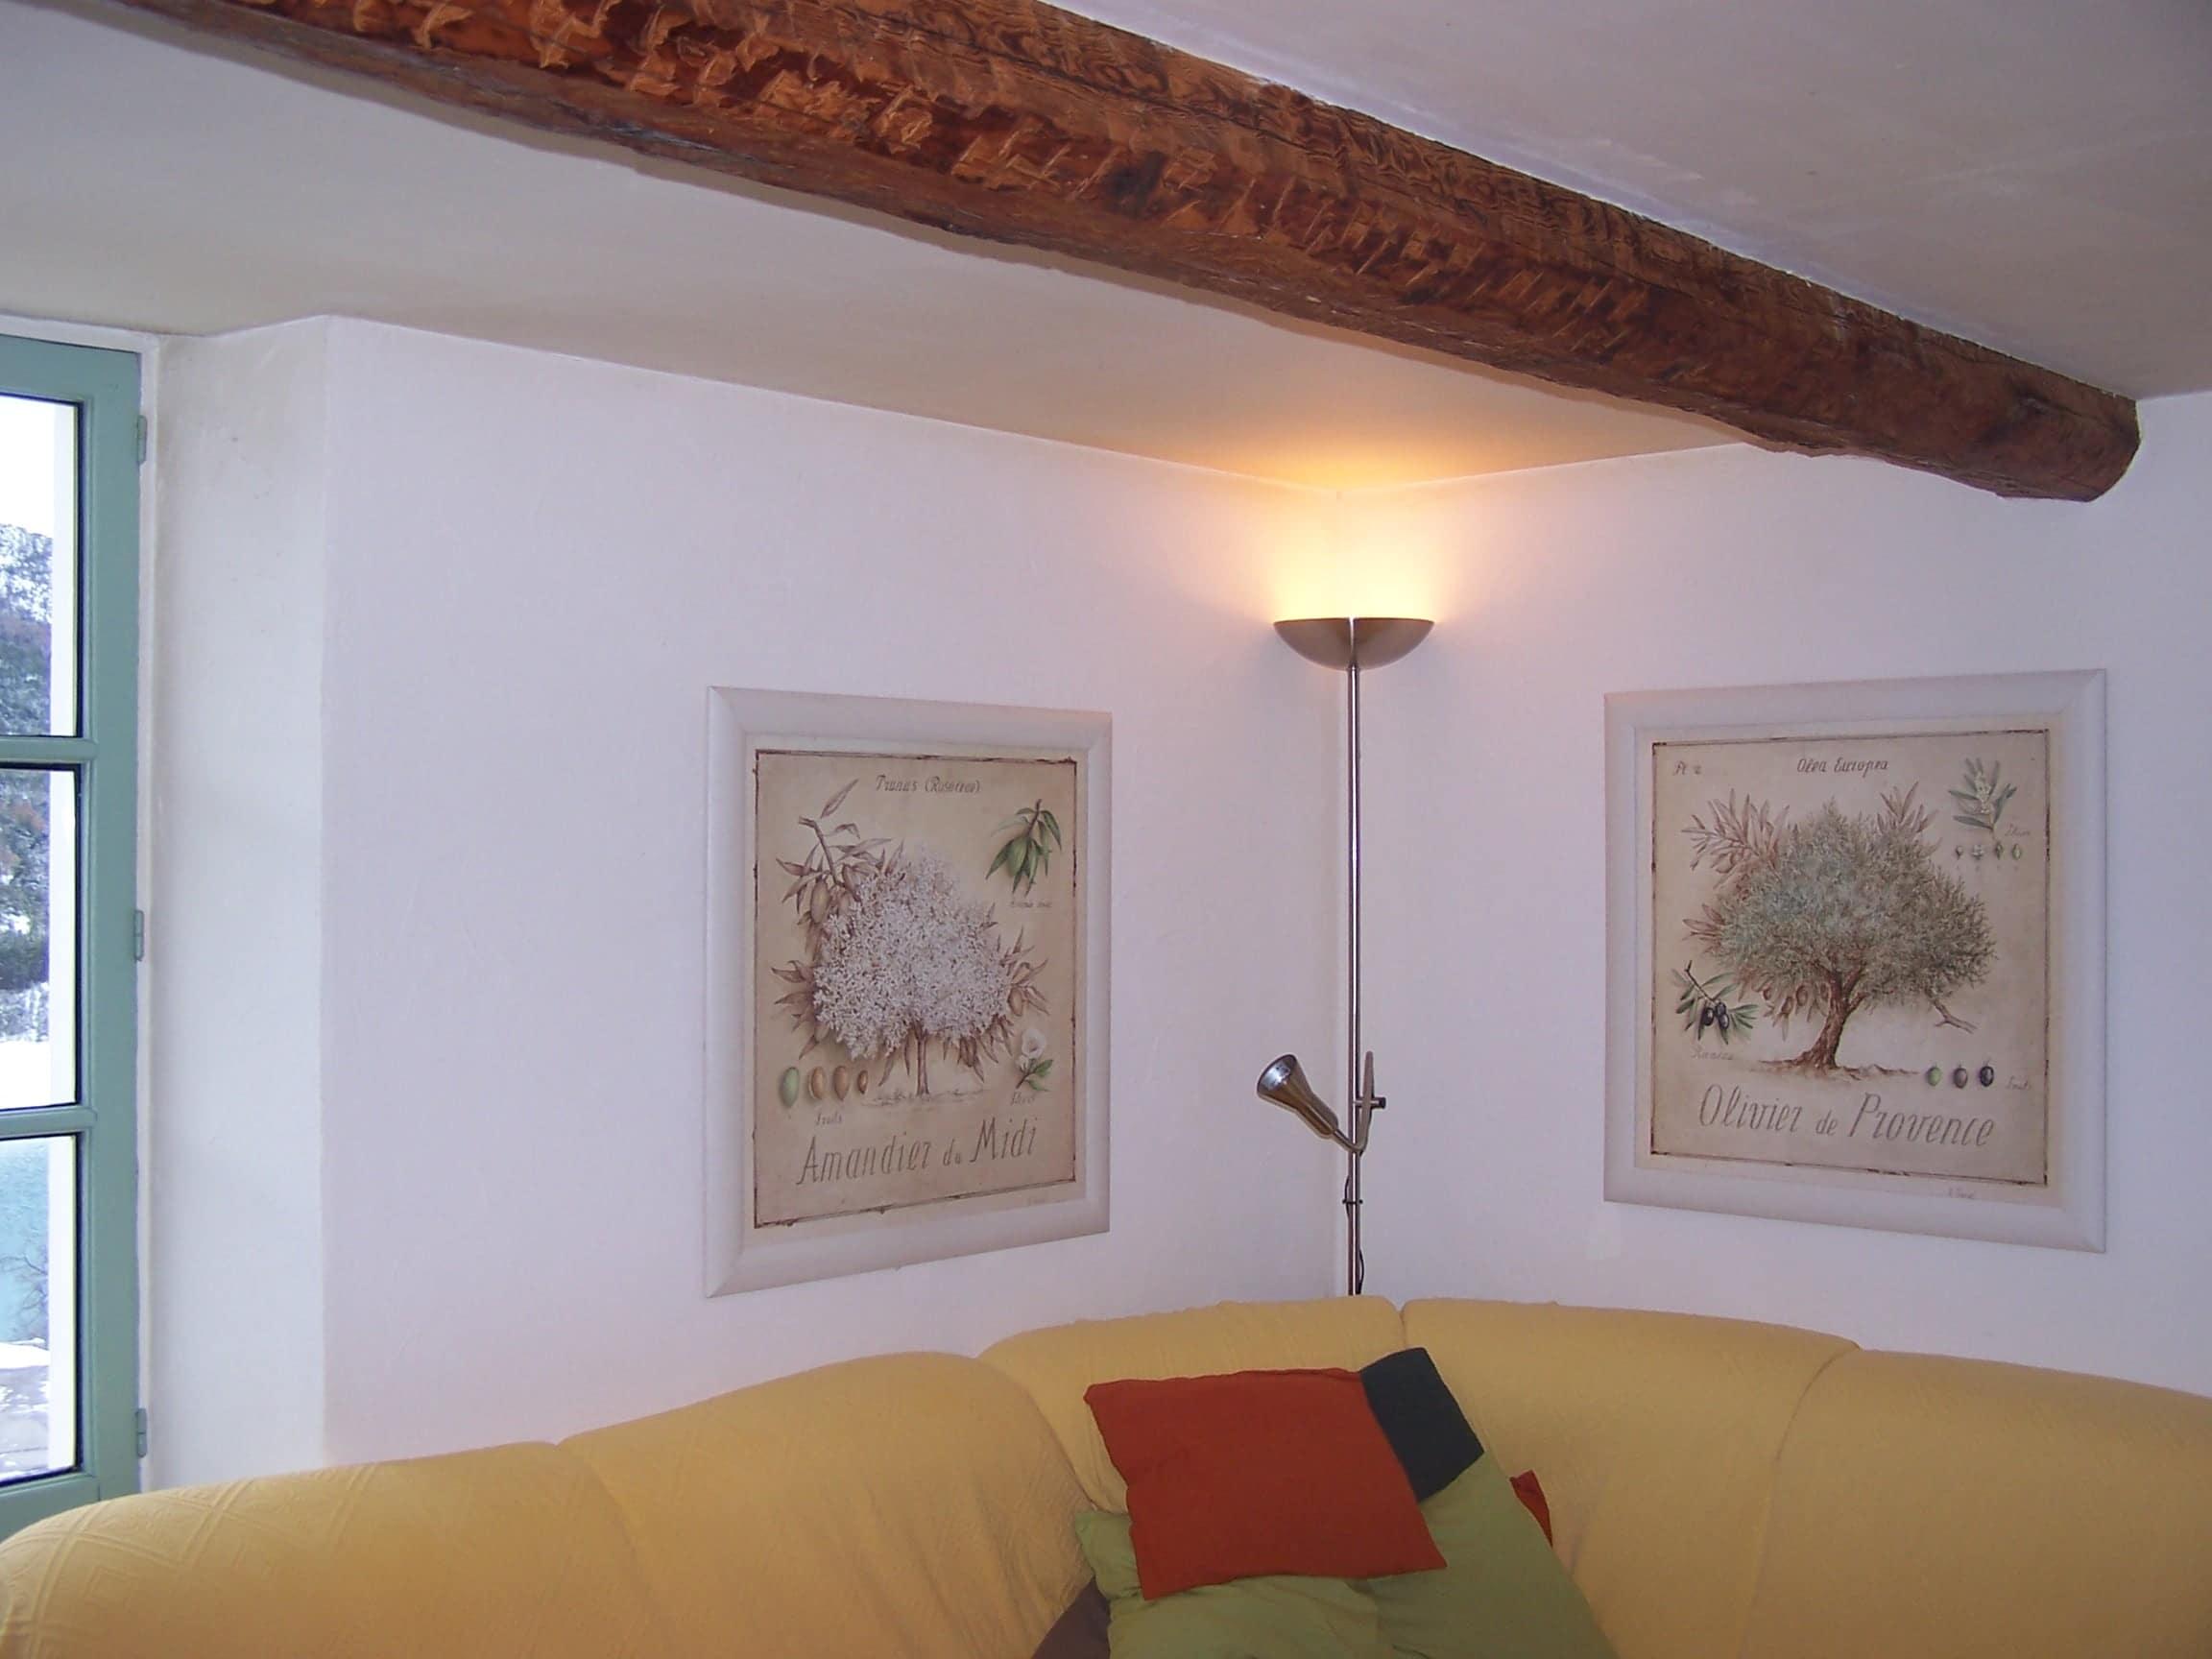 Décoration murale ,les tableaux après les rideaux5